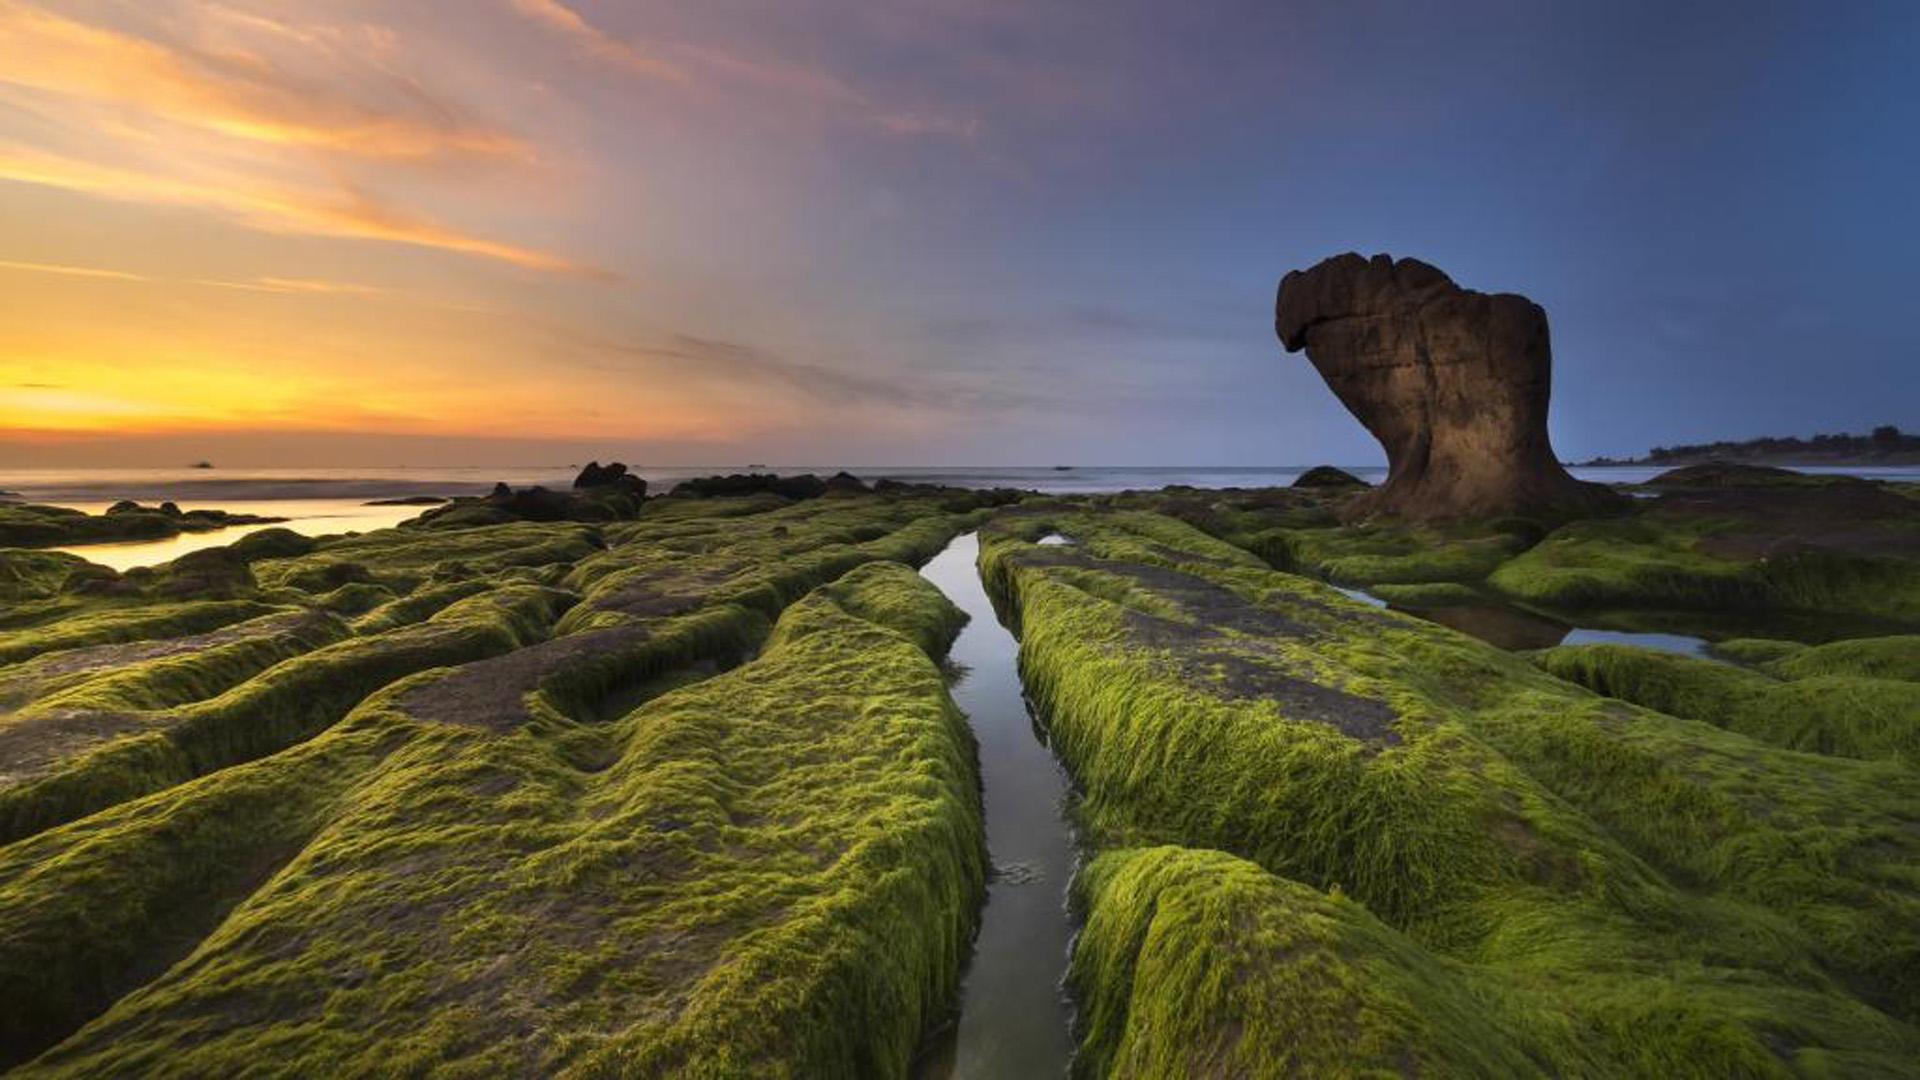 最美蓝色海岸线山水风景搜狗桌面壁纸大全